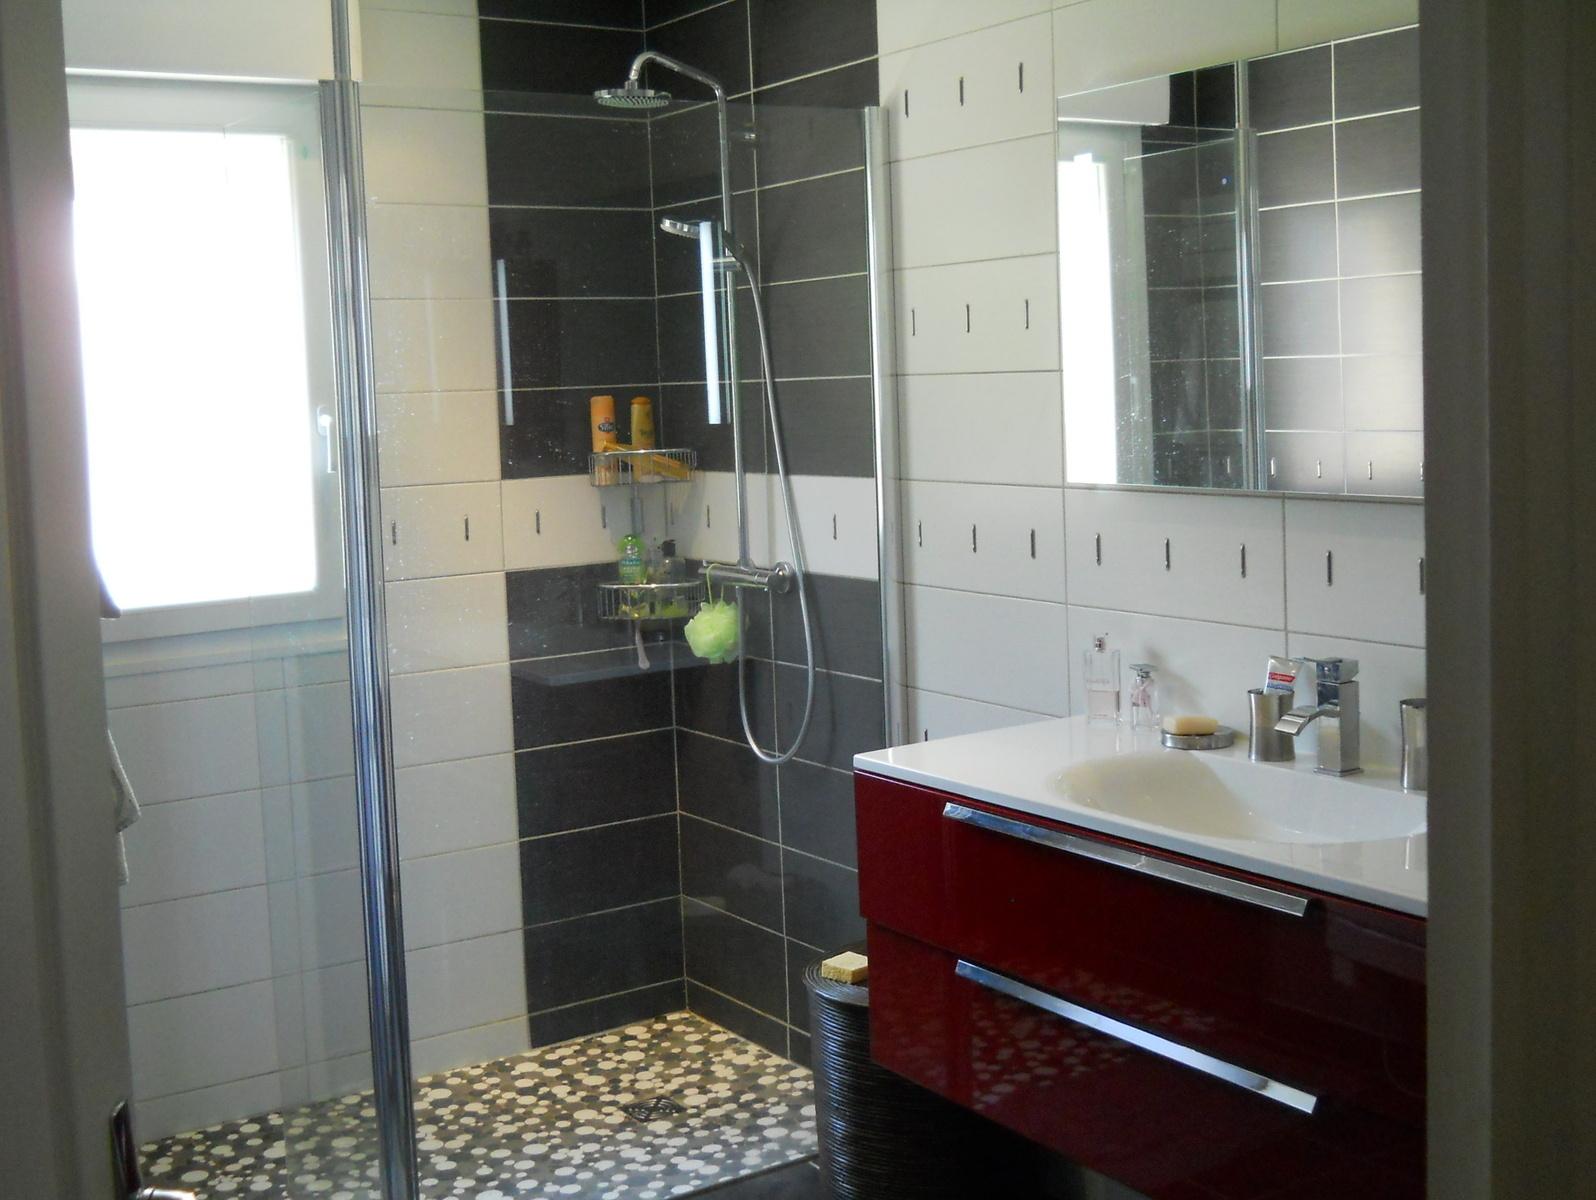 Rénovation salle de bains Coutances : aménagement  PMR - Gilles